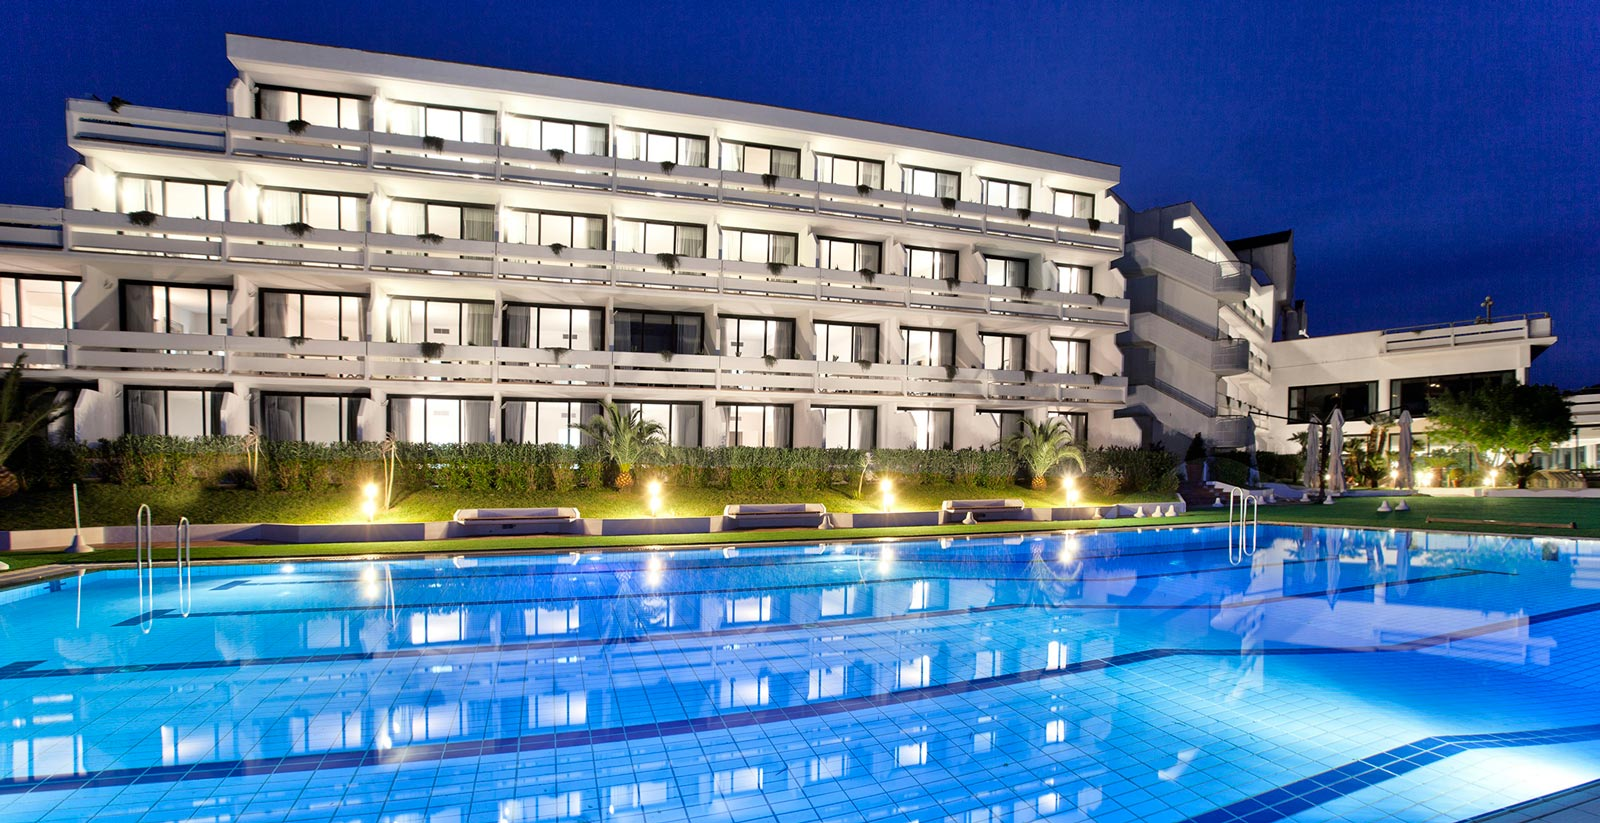 Offerte Hotel A Maratea